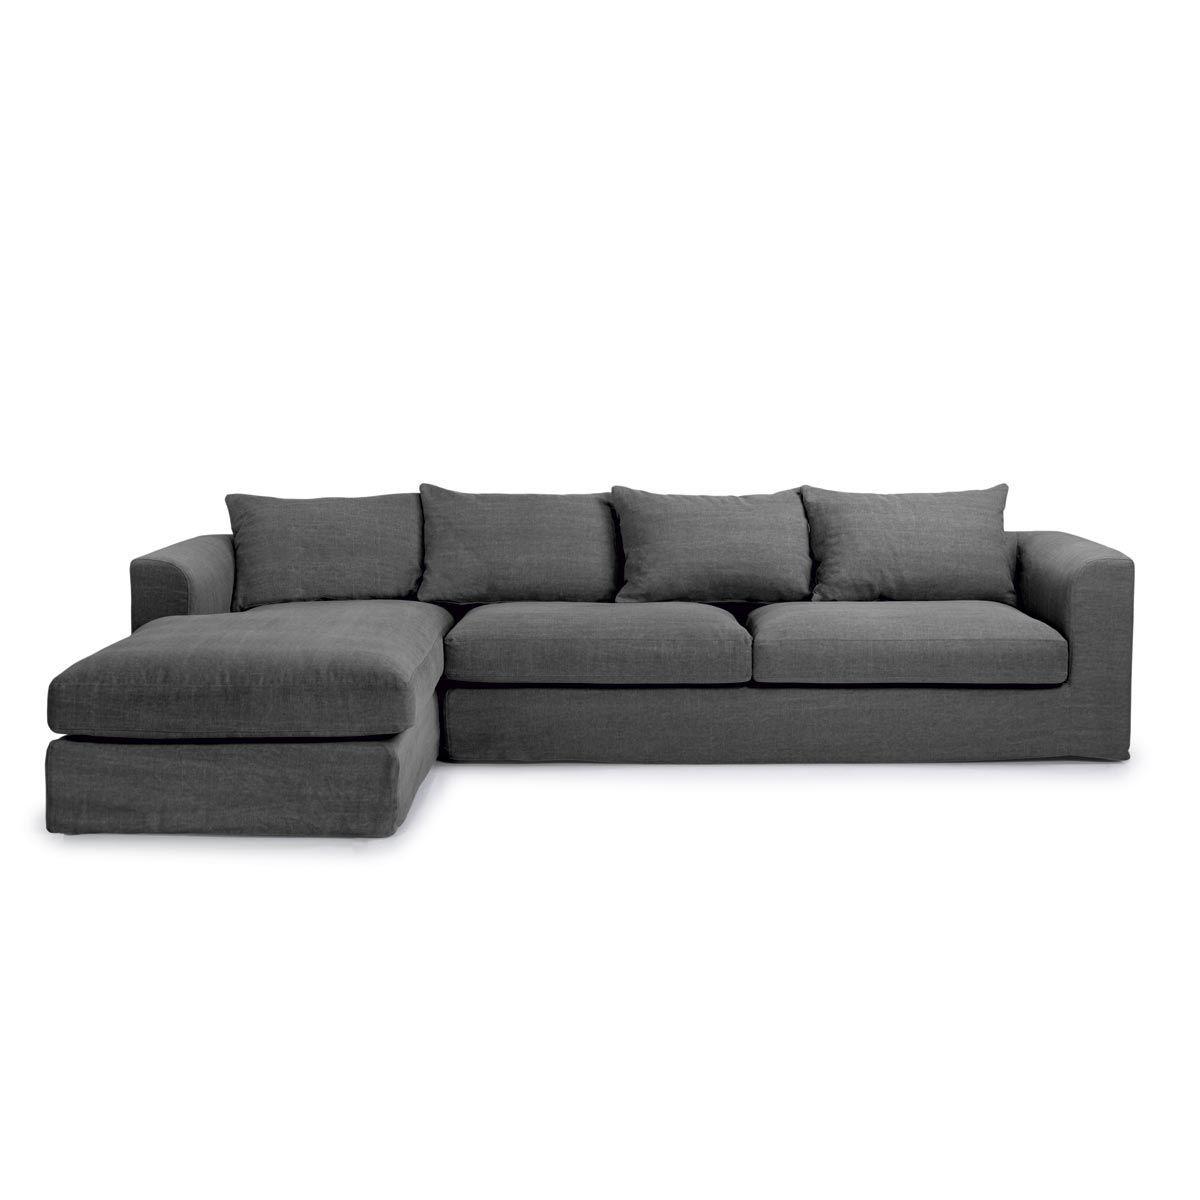 Canapé d'angle Viborg